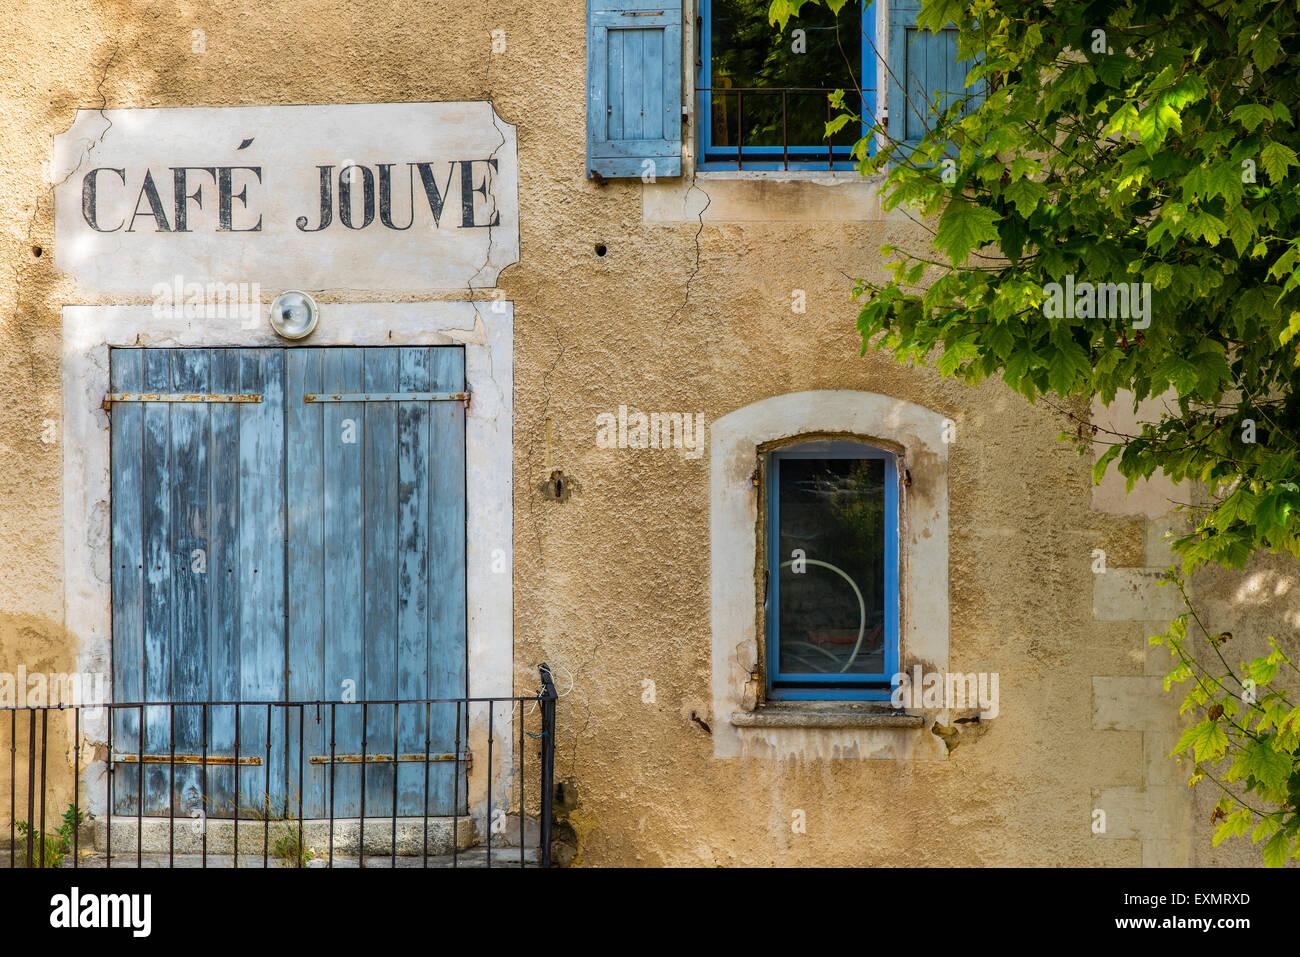 Facciata di una vecchia casa con dipinti shop accedi Aurel, Provenza, Francia Immagini Stock